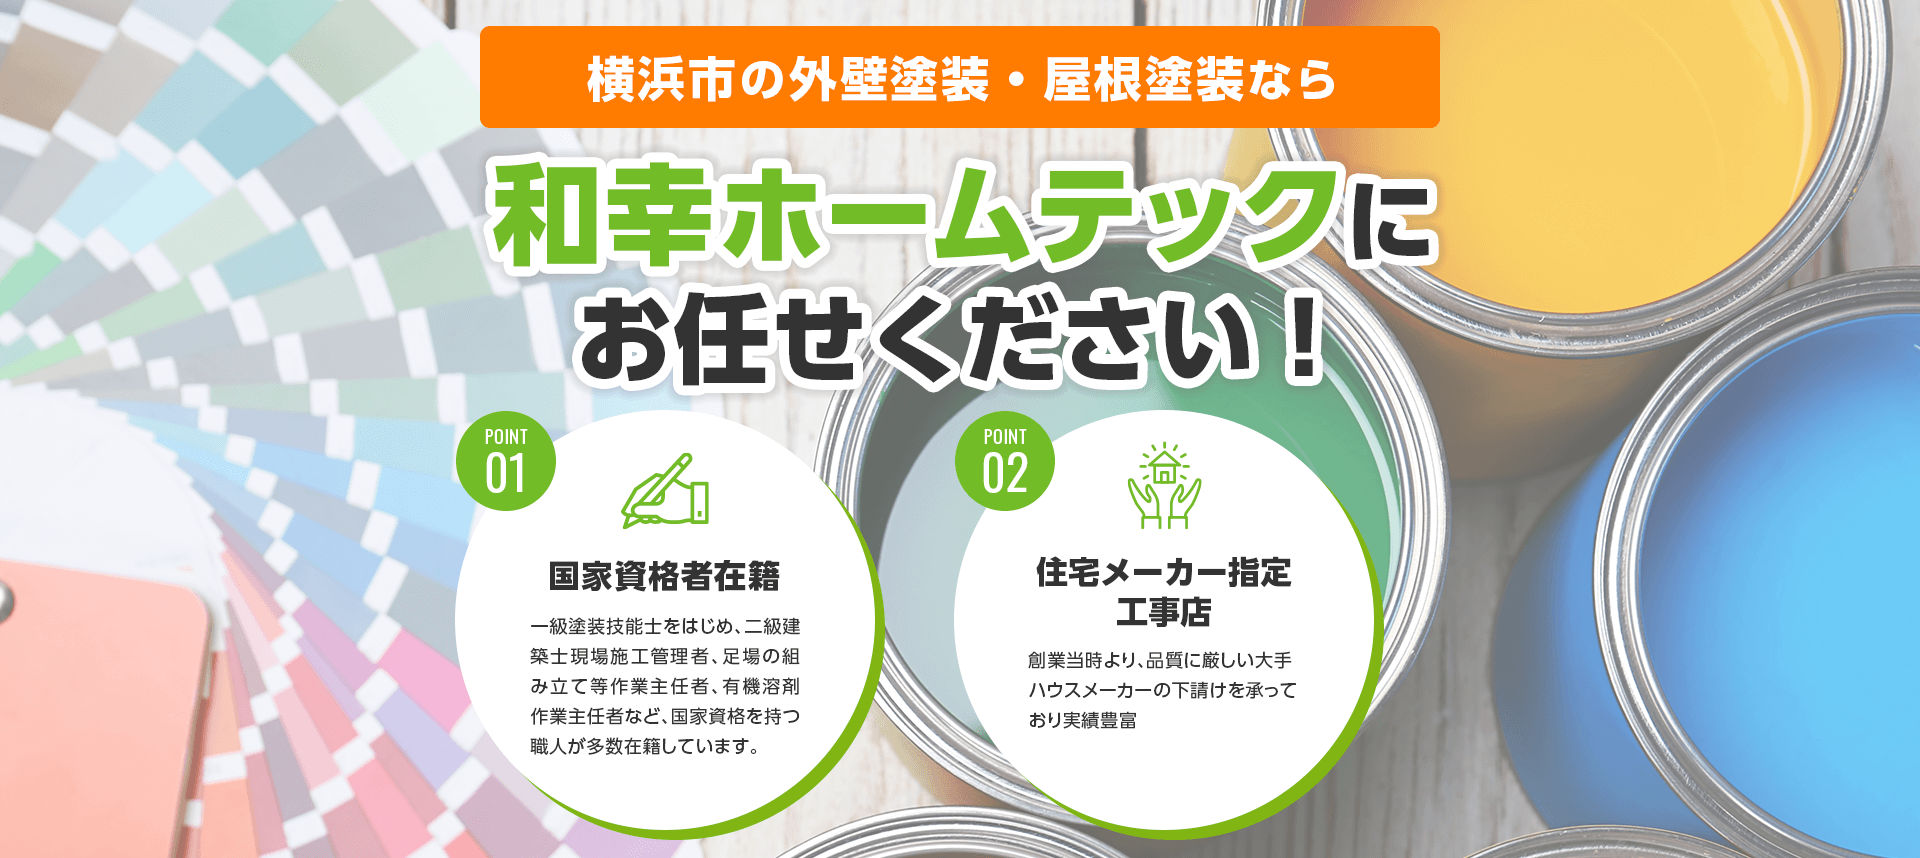 横浜市の外壁塗装、屋根塗装なら和幸ホームテックにお任せください!